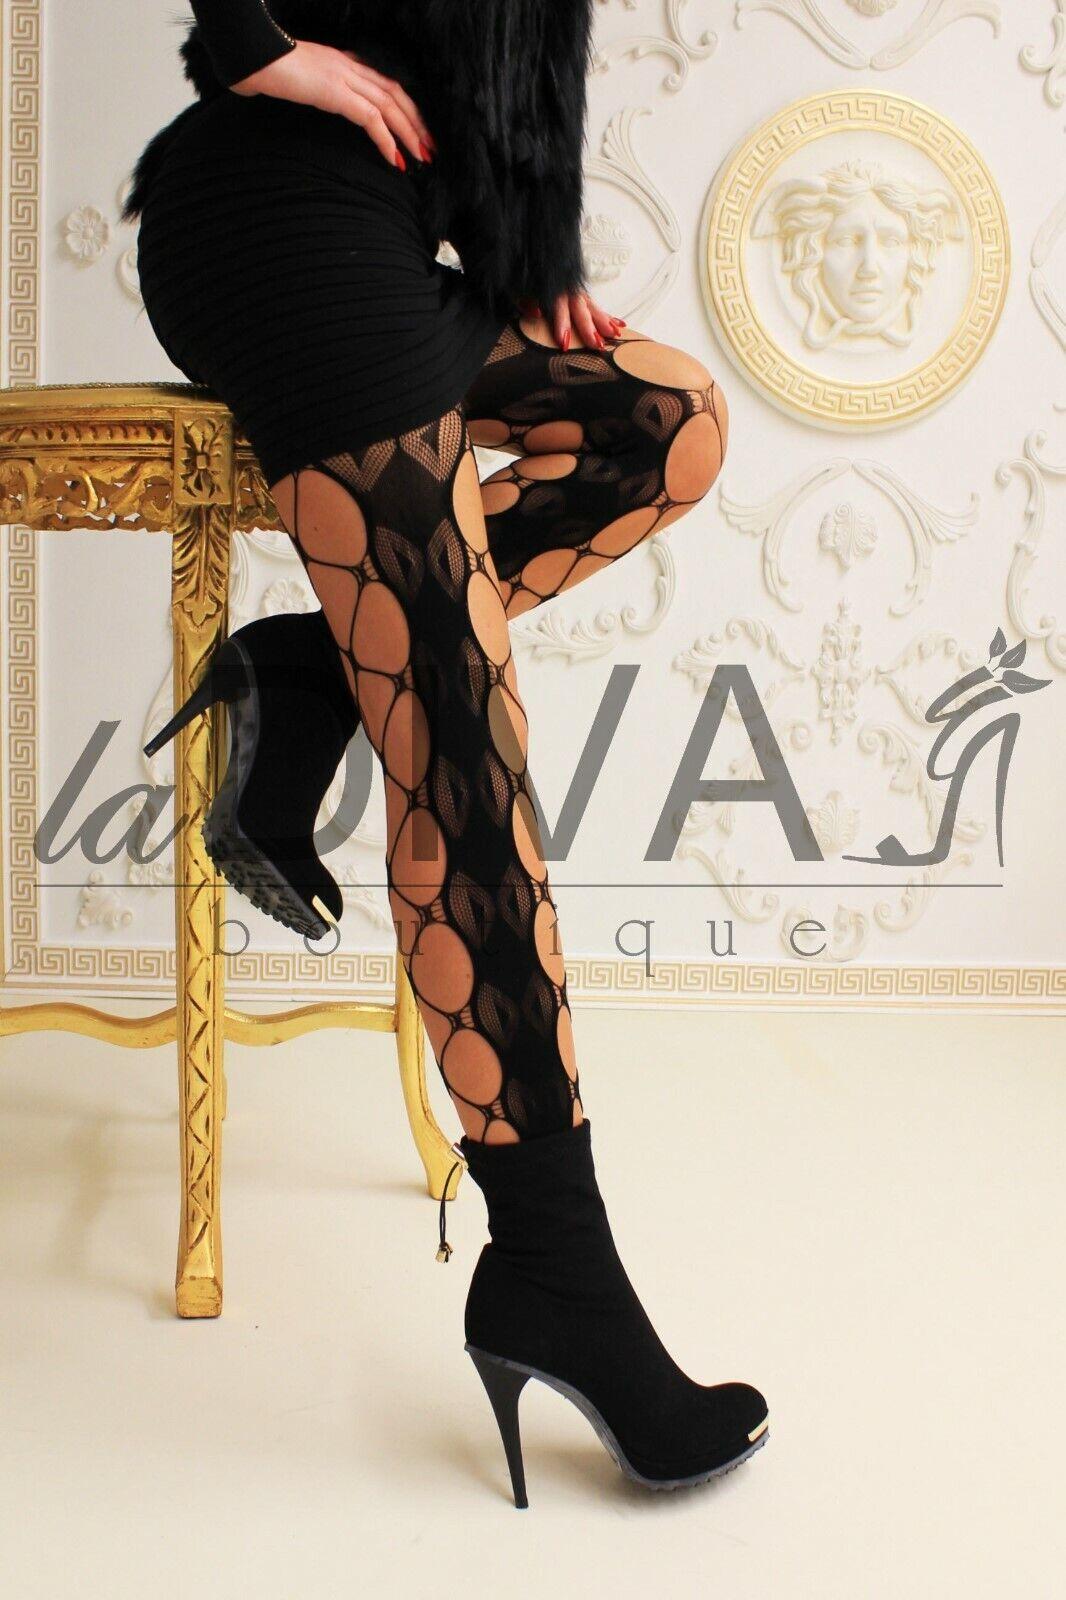 NILA & NILA   Profil Stretch Stiefeletten Stiefel 38 schwarz %SALE% OVP